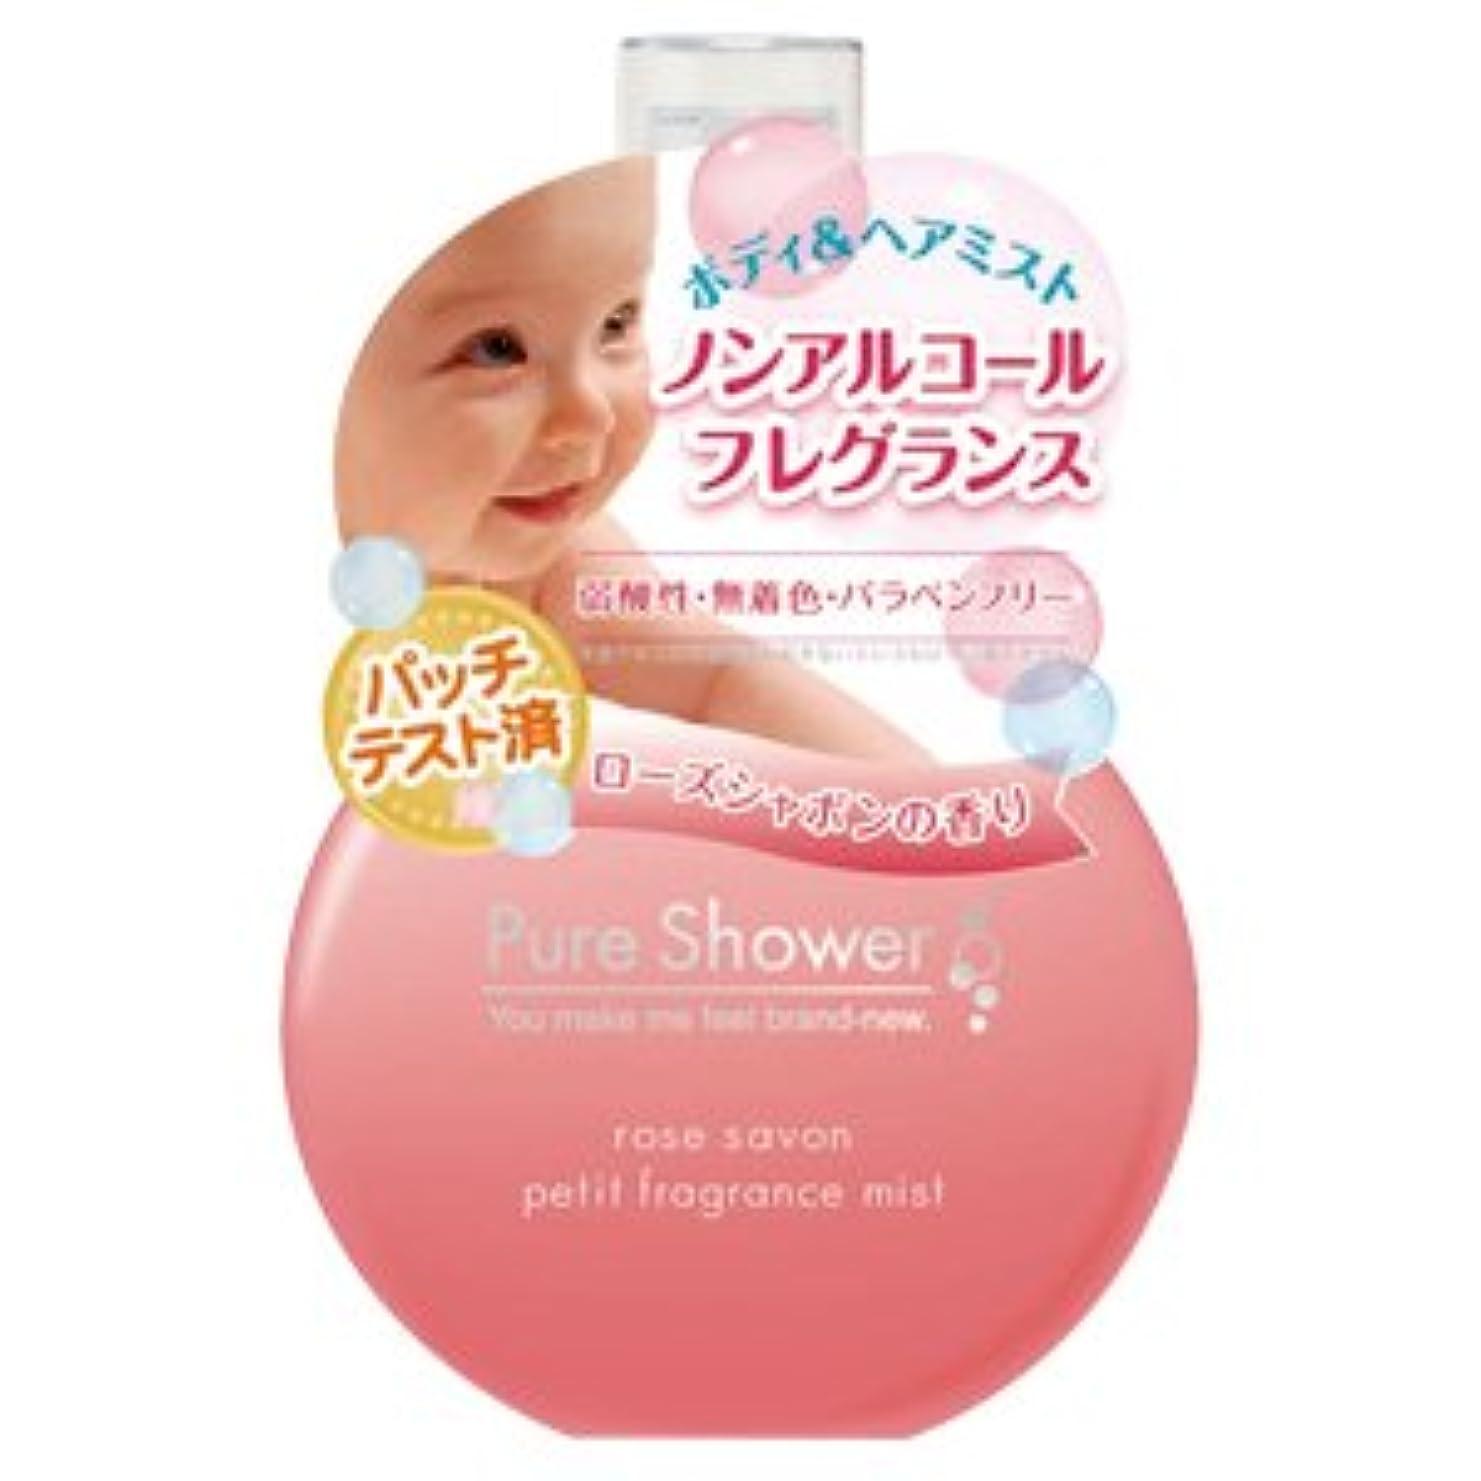 フィルタ現代ペダルピュアシャワー Pure Shower ノンアルコール フレグランスミスト ローズシャボン 50ml